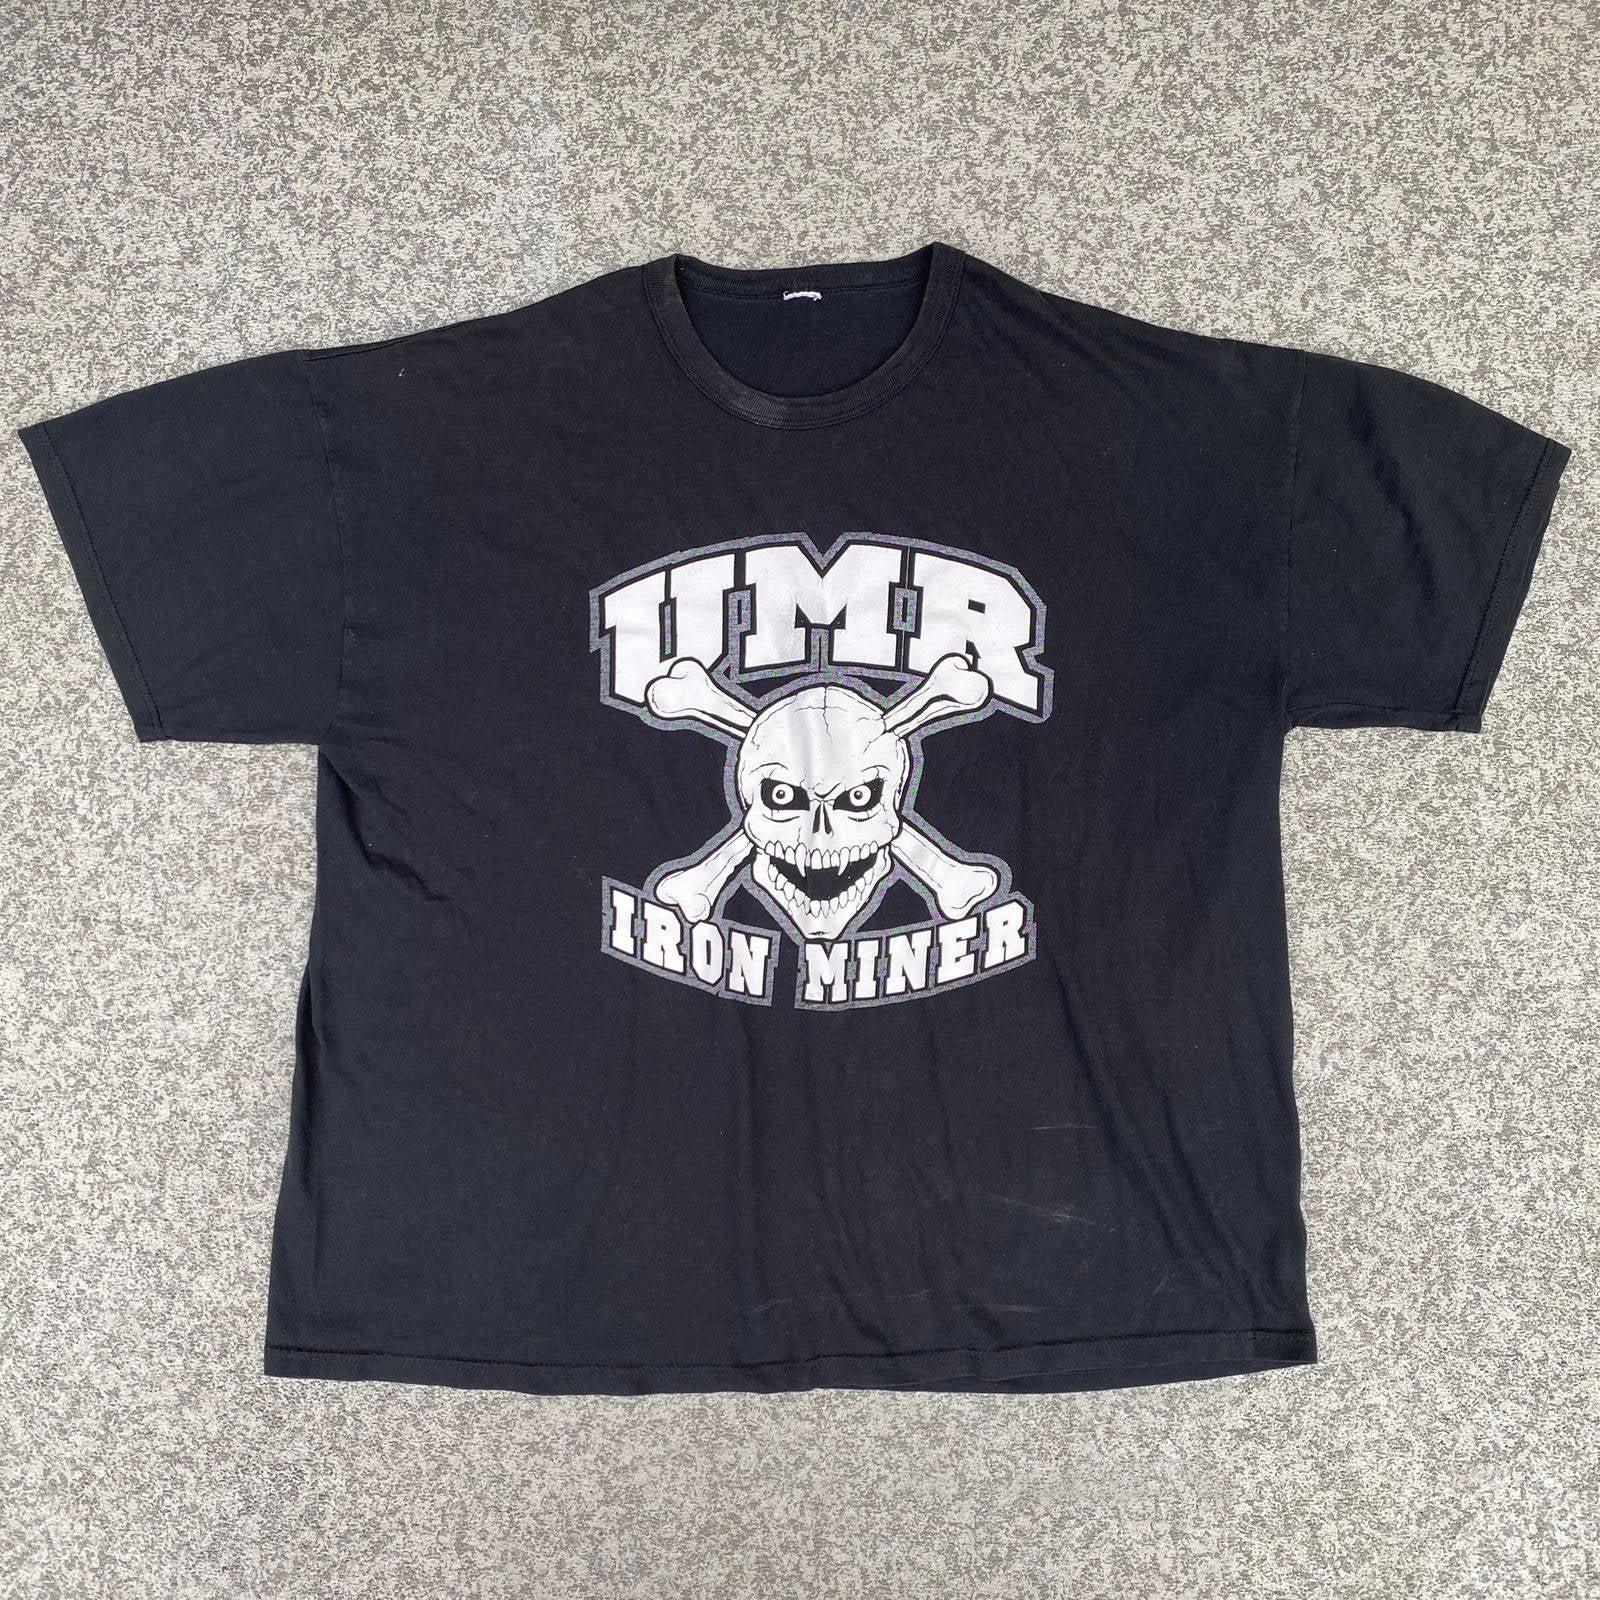 UMR Iron Miners Vintage Tee